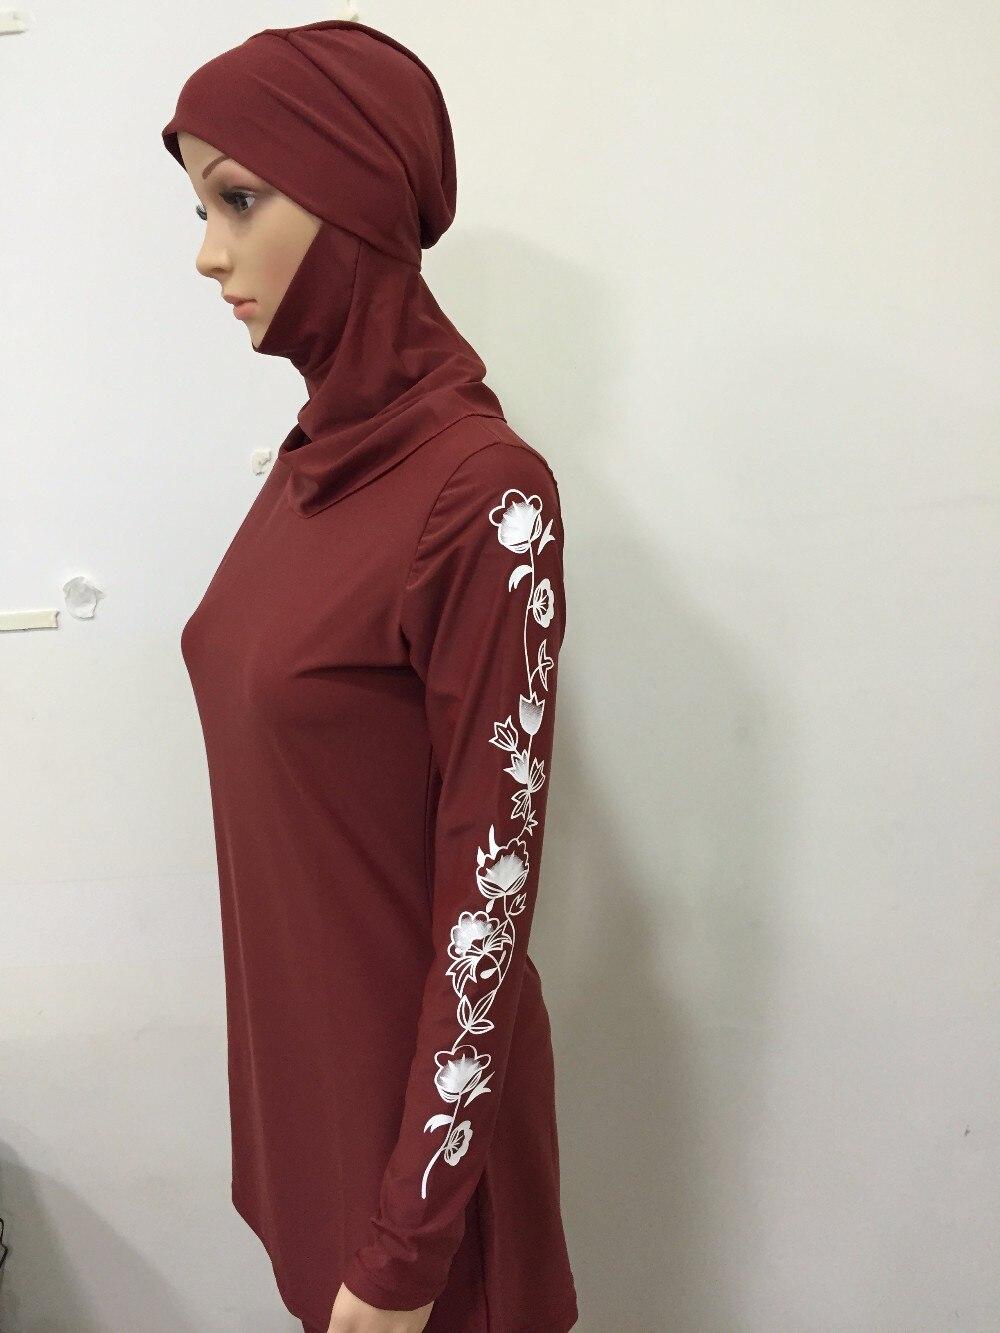 Image 5 - 2017 New muslim swimwear islamic swimsuit modest swimwear  swimsuit for womenswimsuit for womenswimsuits modestswimsuit swimsuit